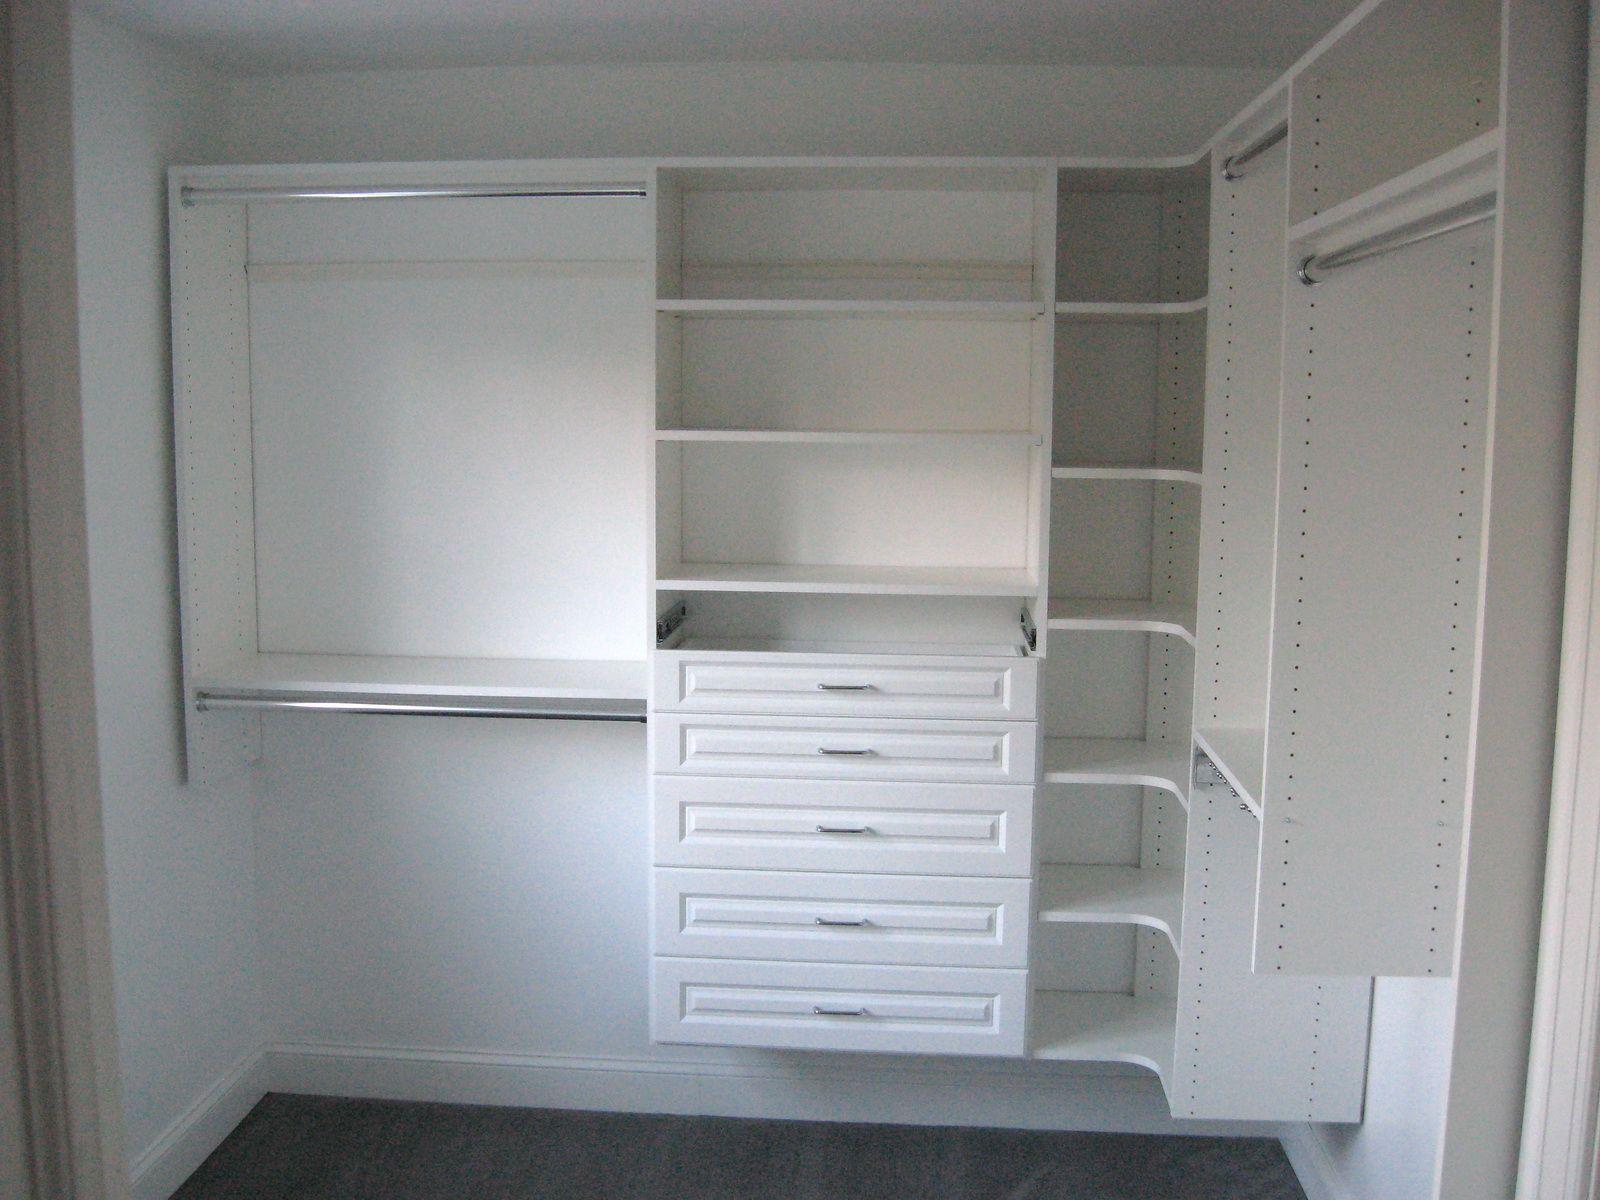 Merveilleux Gray Metal Closet Shelving | EasyClosets.com